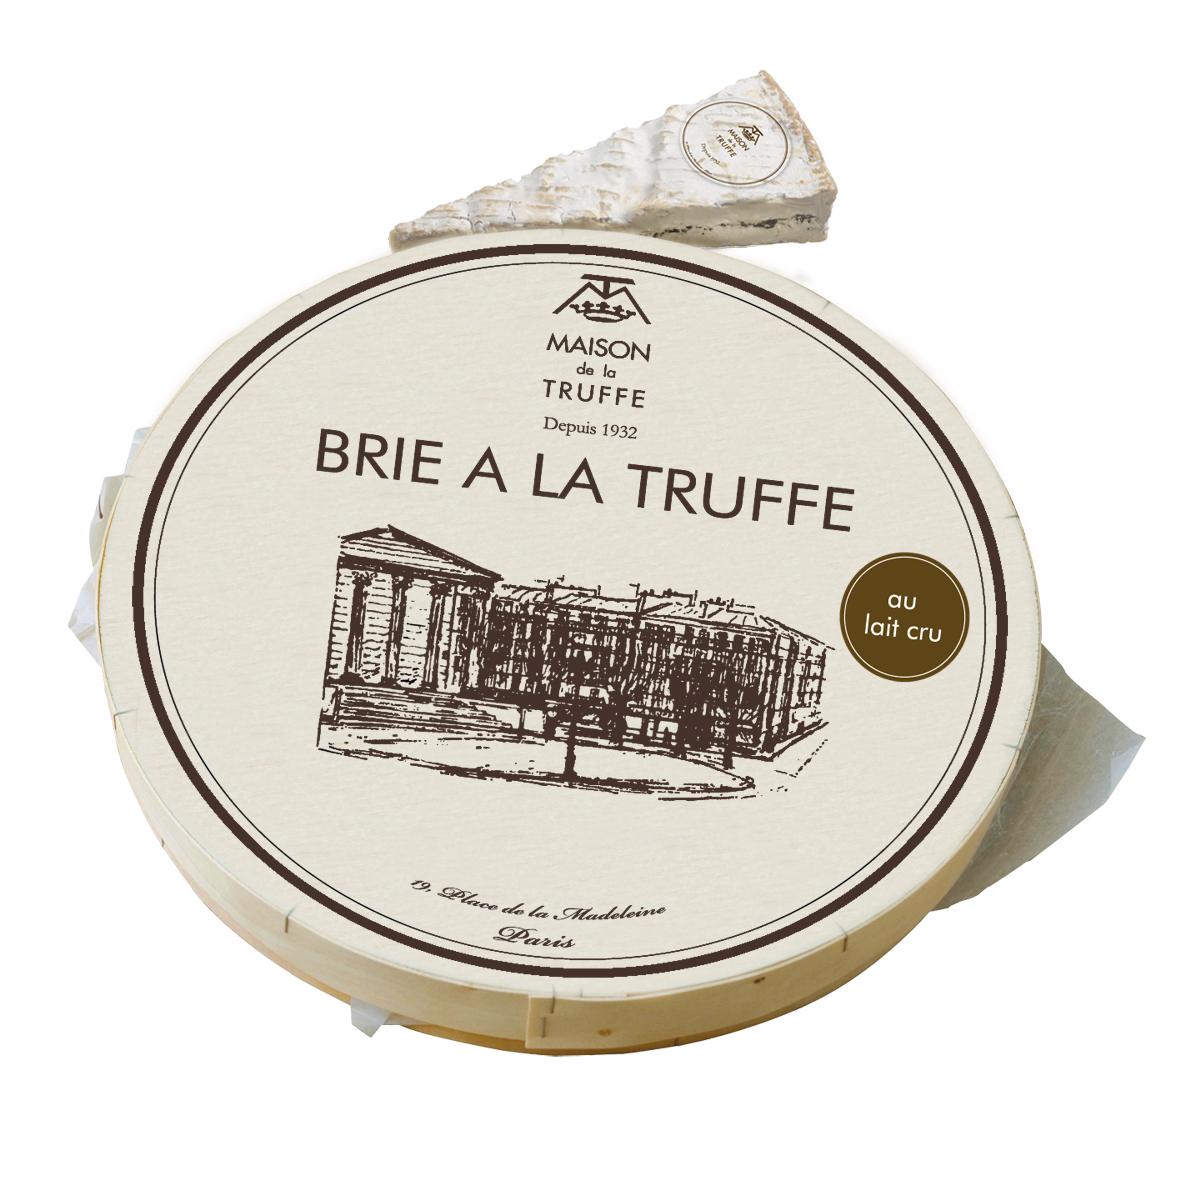 BRIE A LA TRUFFE - Dieser Brie wird Sie durch seinen zarten Schmelz und seine Cremigkeit begeistern. Der kräftige Geschmack des Brie vermischt sich mit den sehr ausgeprägten Aromen des Trüffels zu einer raffinierten und perfekt ausgewogenen Verbindung.